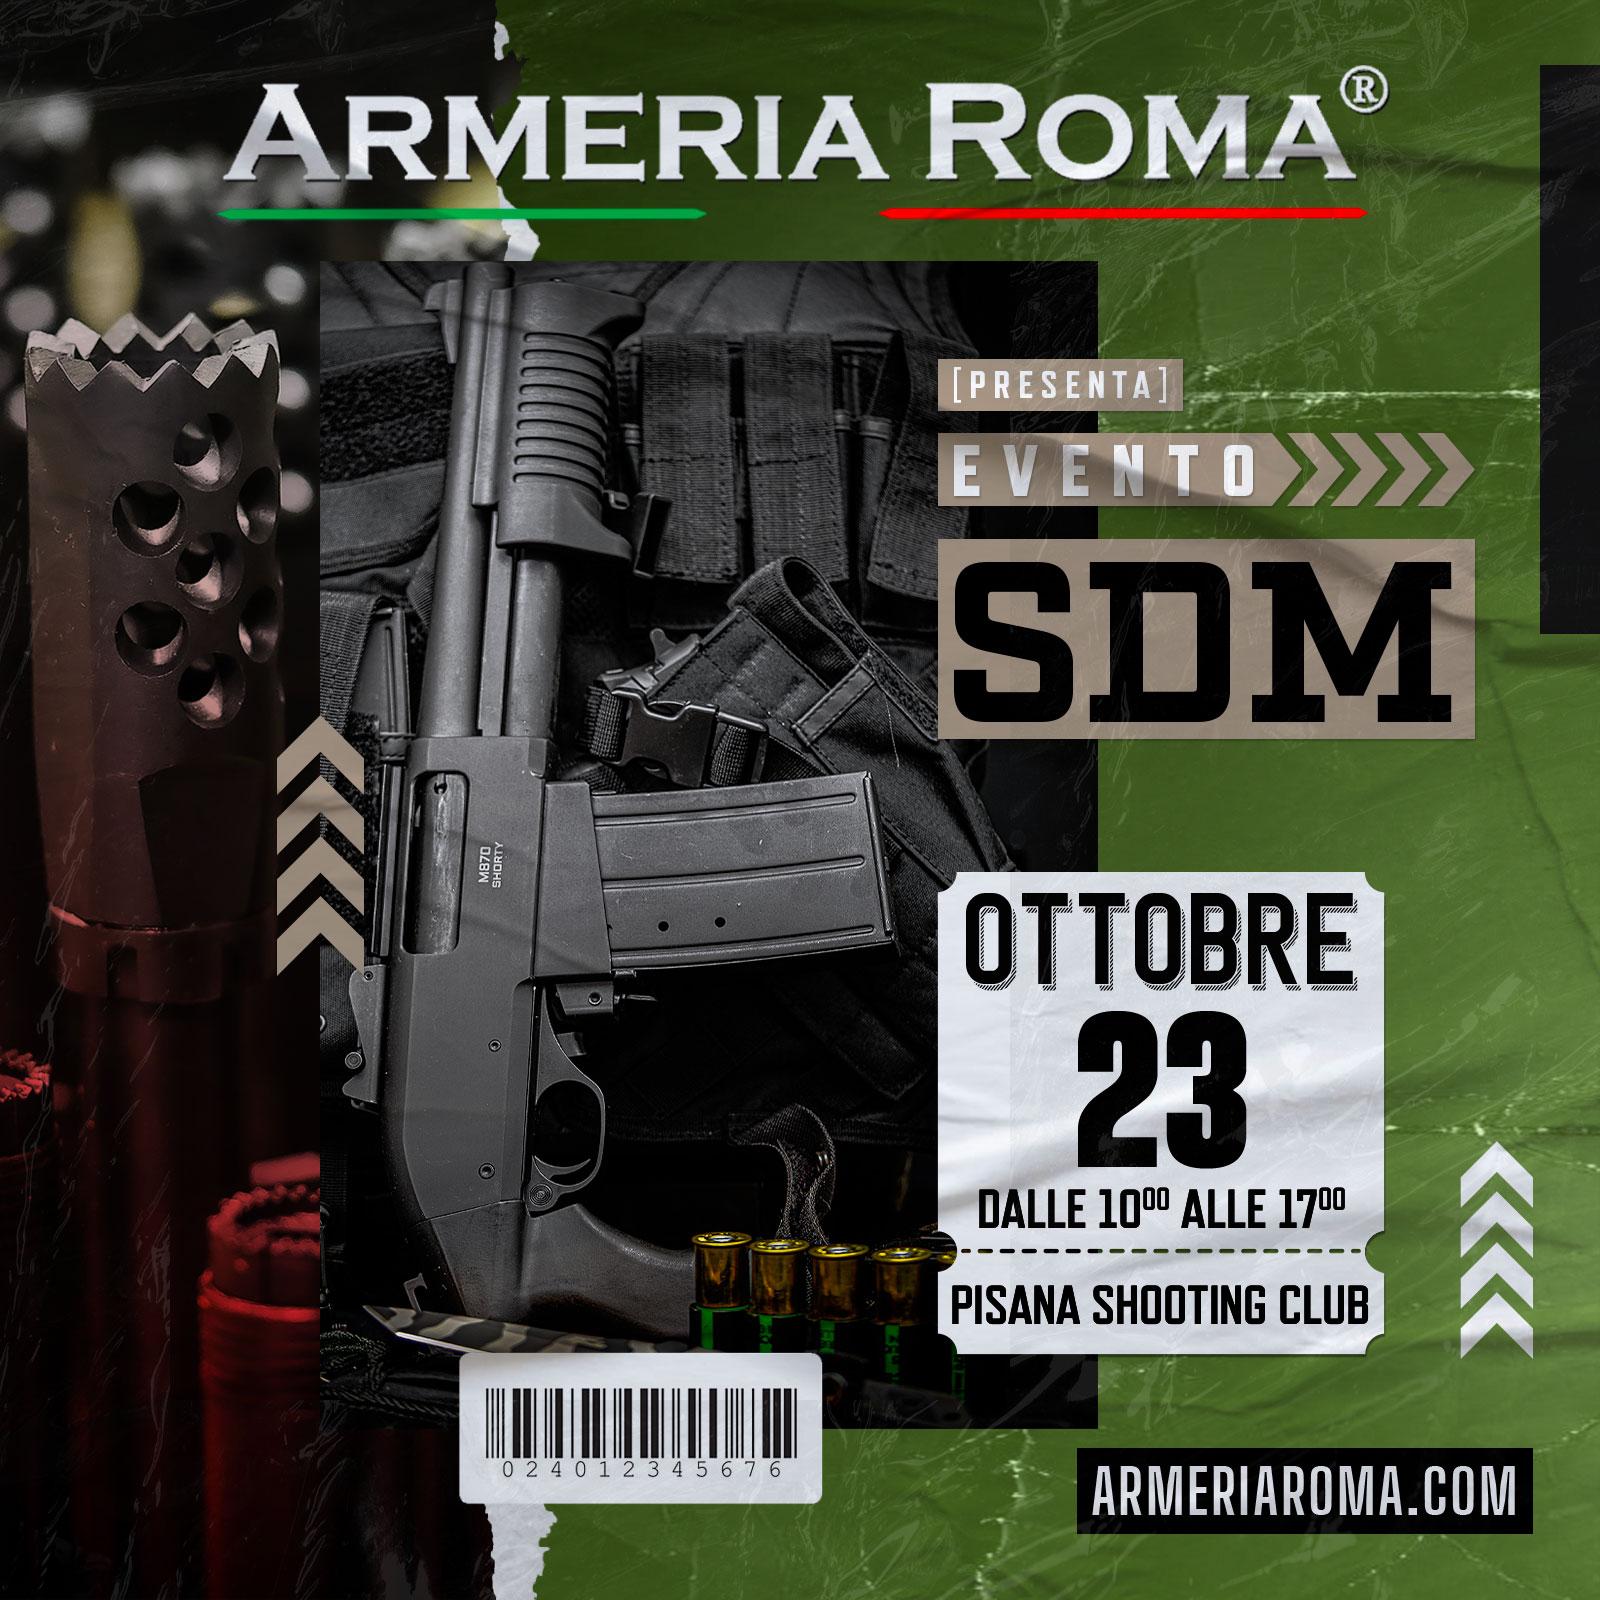 Armeria-Roma-Evento SDM ottobre 2021